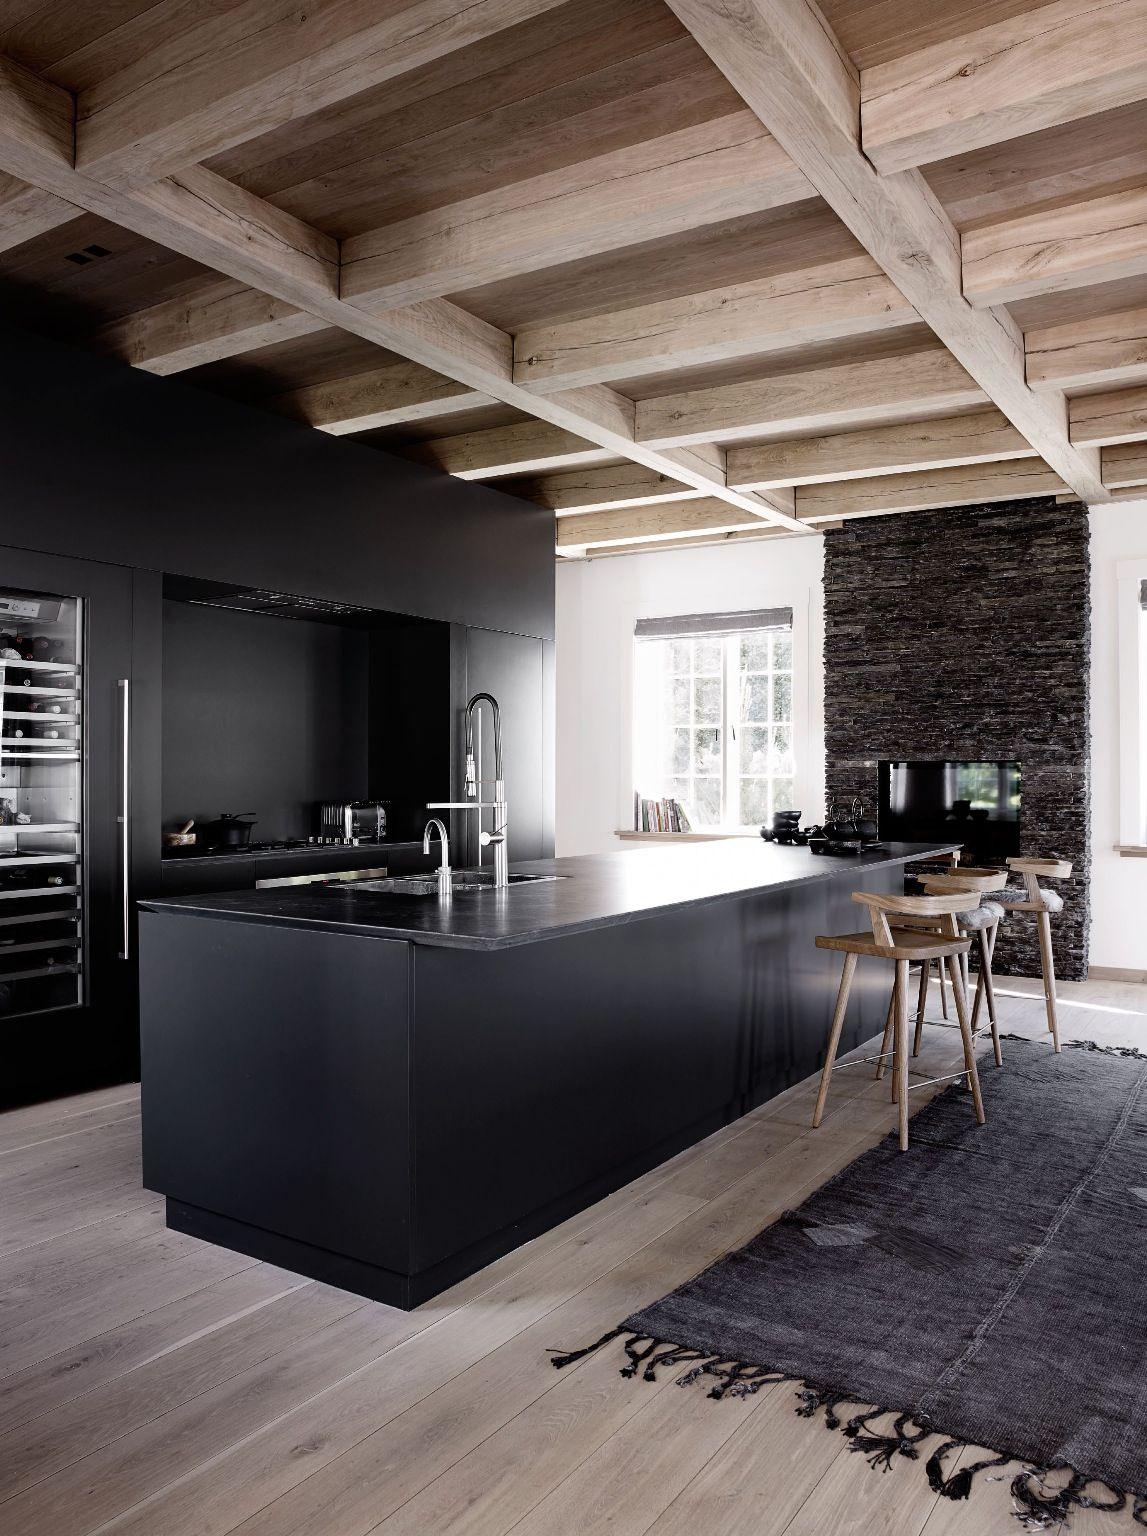 Full Size of Cocoon Küchen Comodern Kitchen Design Inspiration Bycocooncom Interior Regal Wohnzimmer Cocoon Küchen